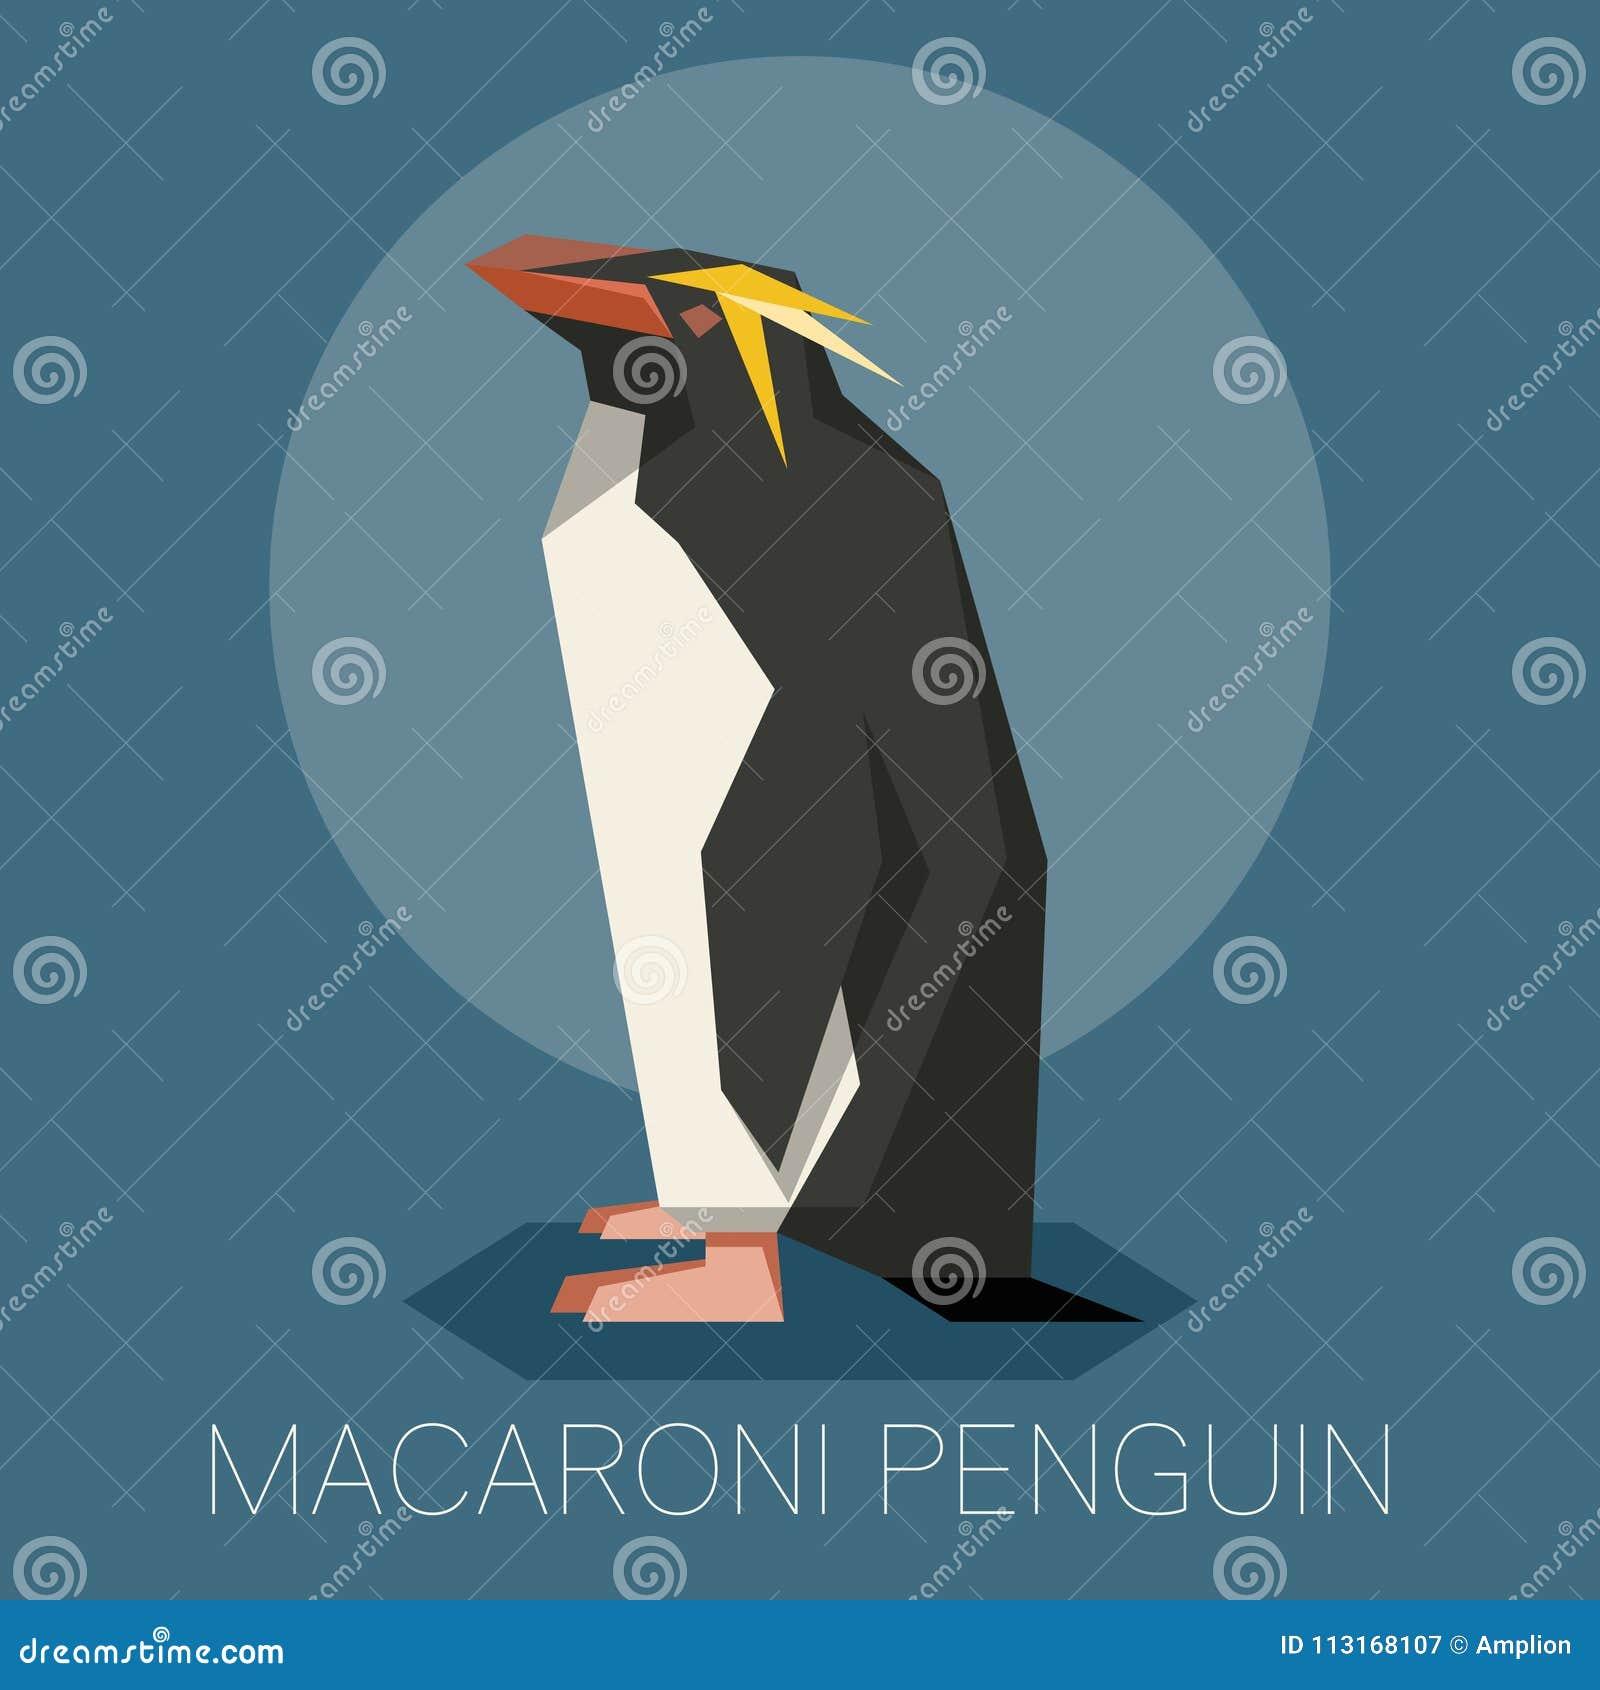 Flat Macaroni Penguin Stock Vector Illustration Of Cartoon 113168107